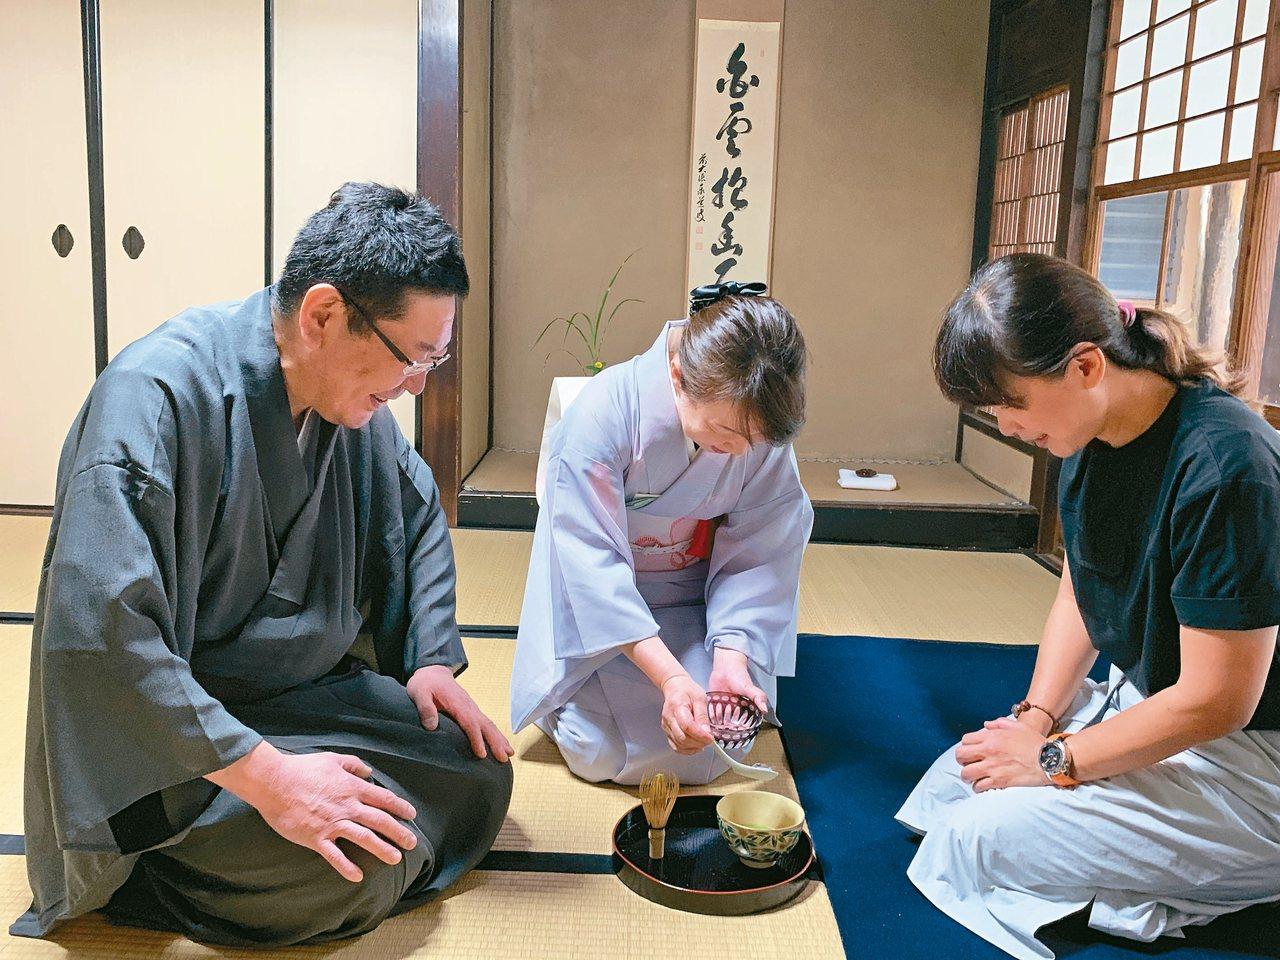 到日本政府列冊保存的歷史建築中學習日本傳統茶道,是ENSO ANGO客人的文青活...